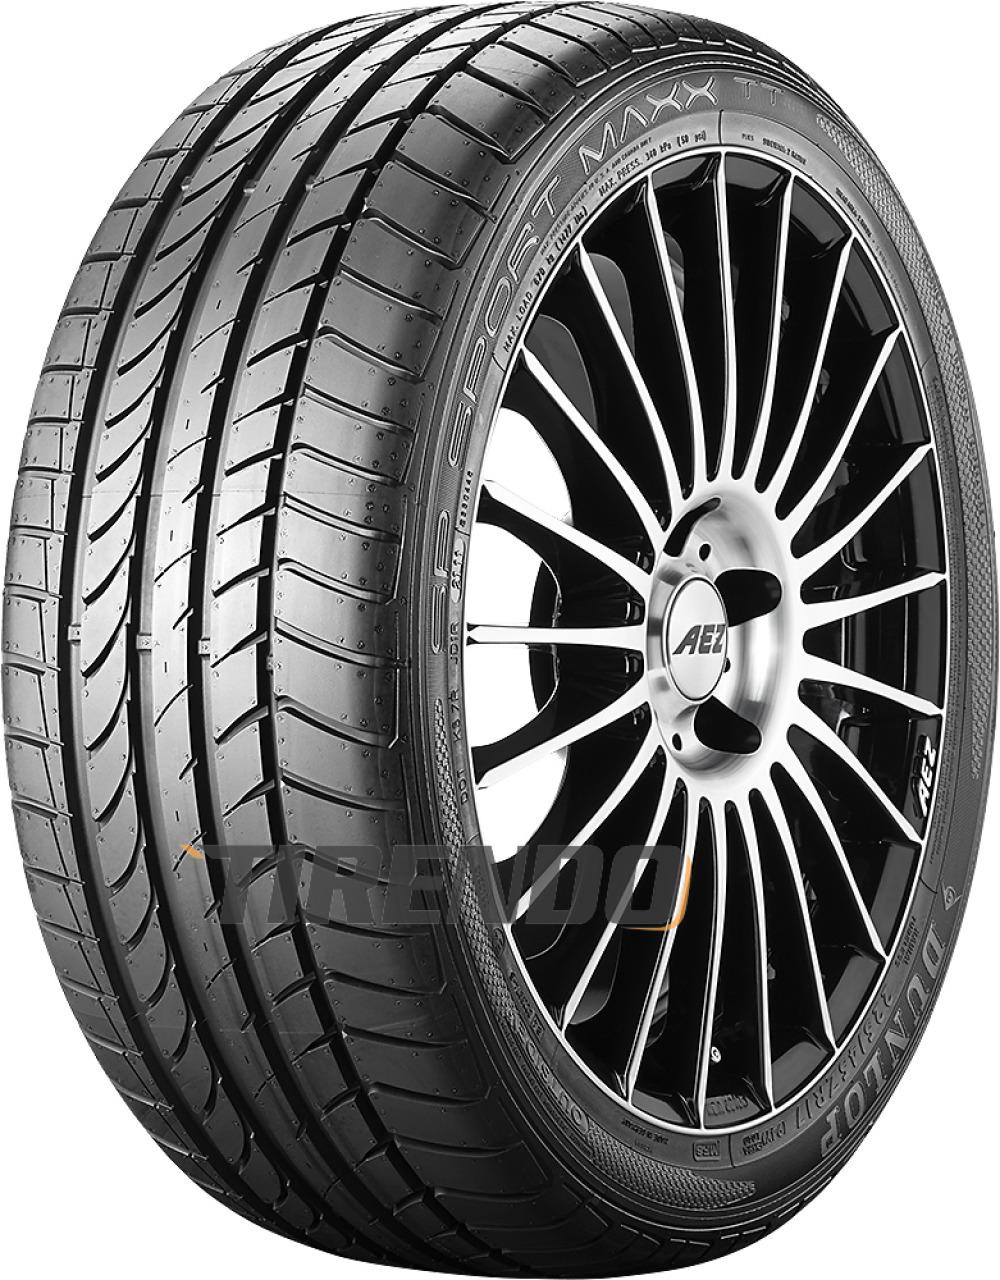 Dunlop SP Sport Maxx TT ( 225/45 R17 91W Reduzierter Rollwiderstand, MO, mit Felgenschutz (MFS) )